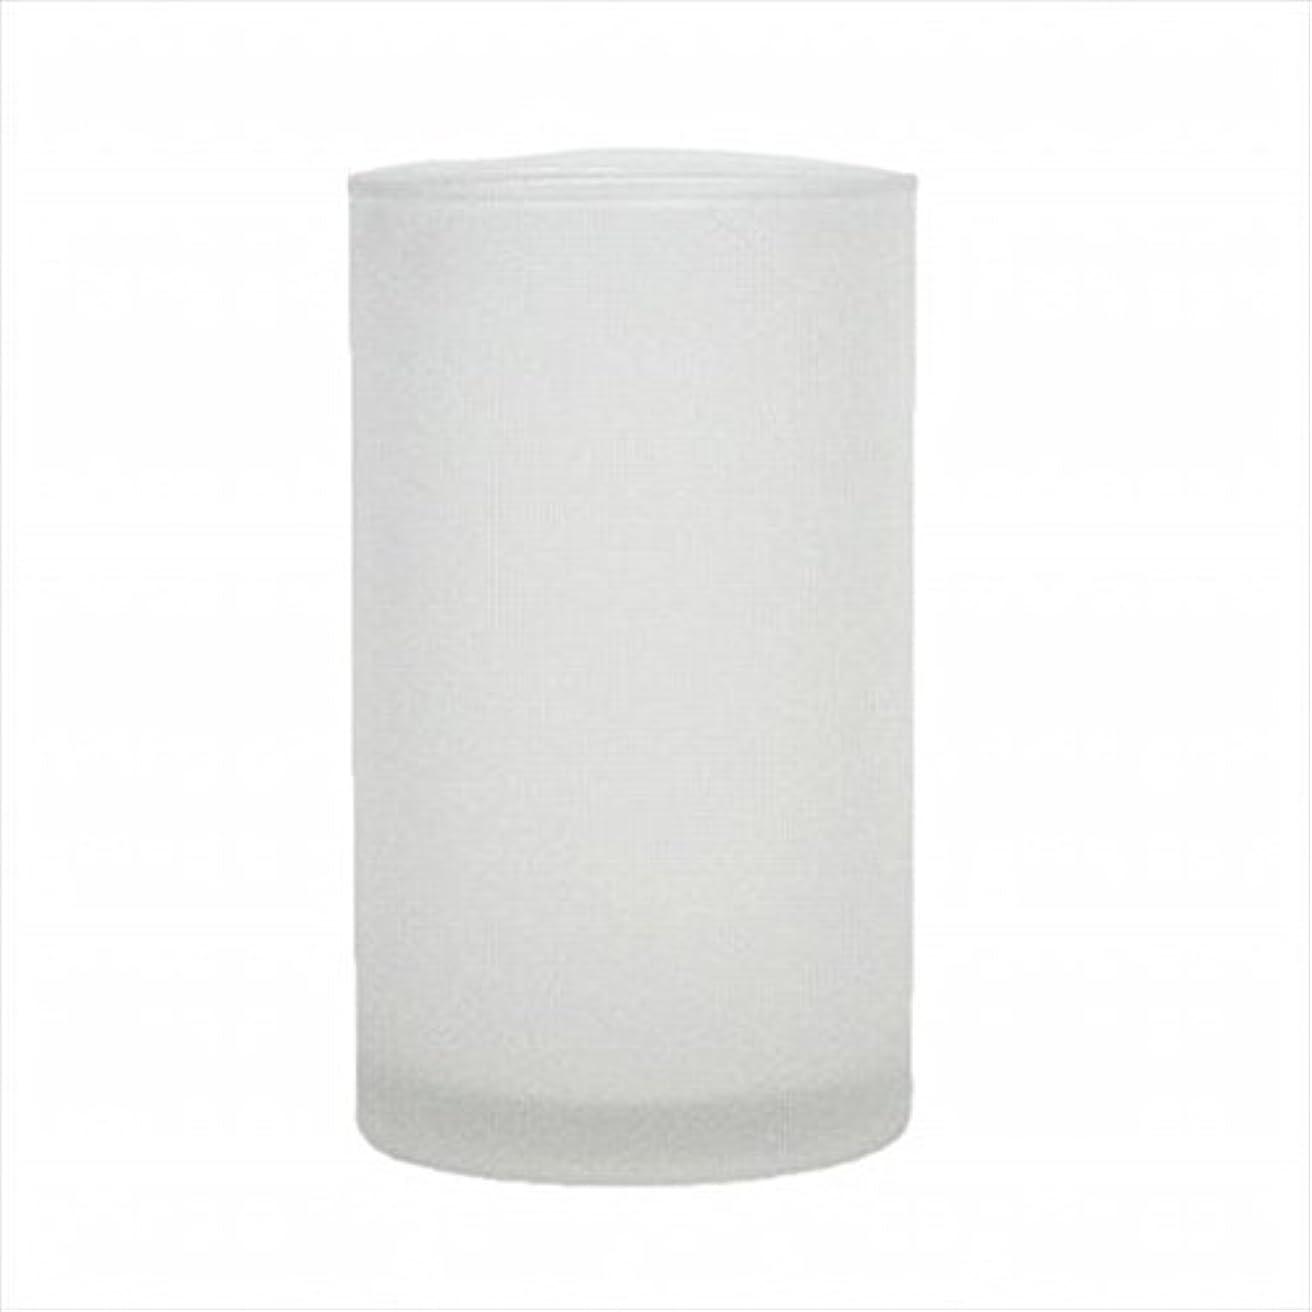 説明するピット繁殖kameyama candle(カメヤマキャンドル) モルカグラスSフロスト キャンドル 90x90x155mm (65980000)